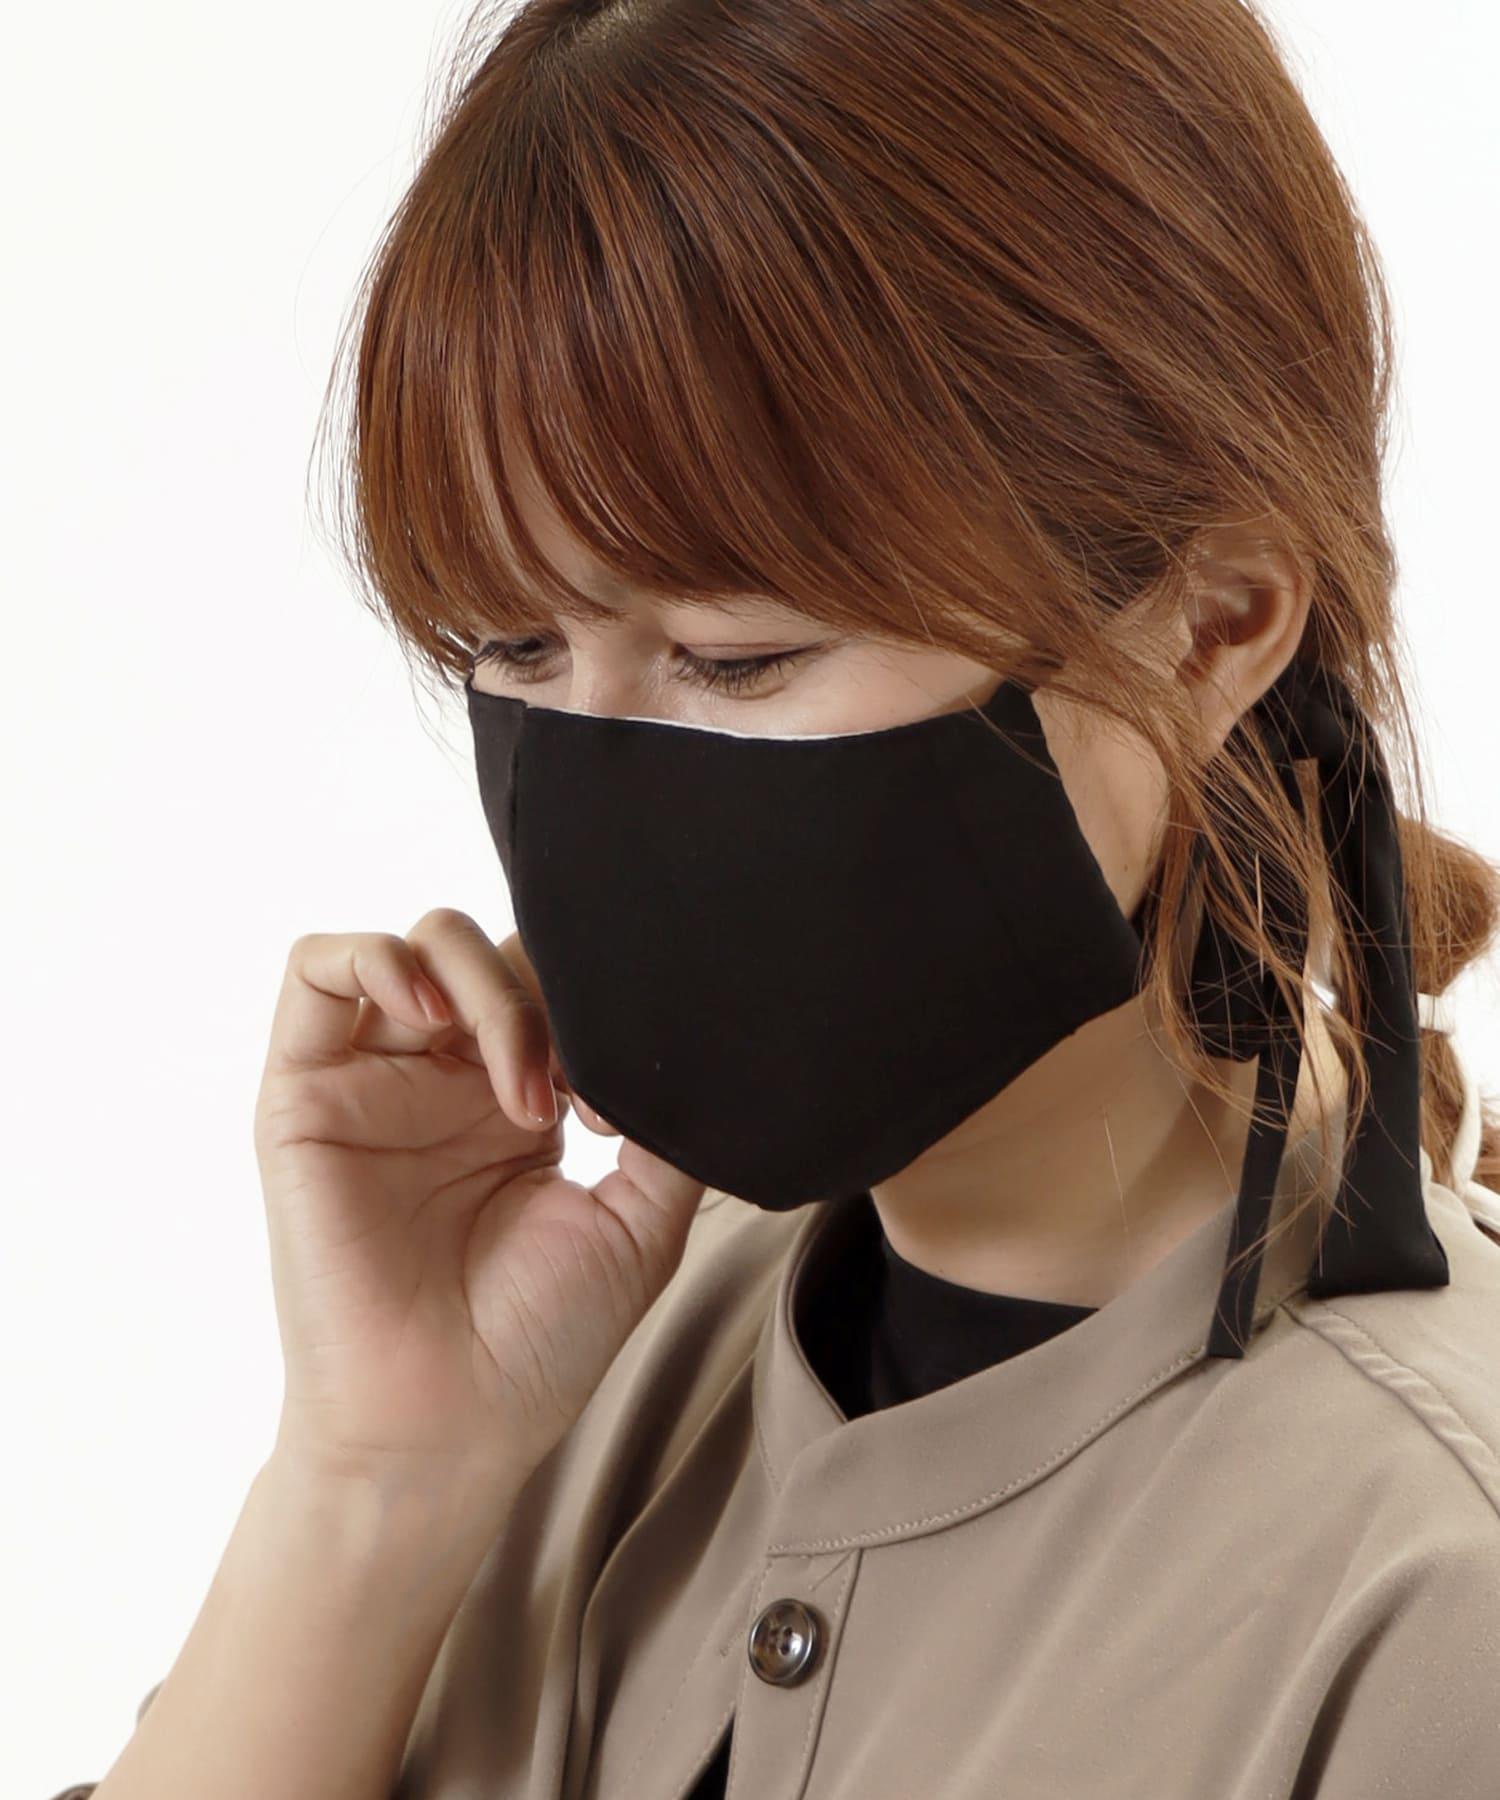 ASOKO(アソコ) レディース 《柔らかな肌触り》カットソーマスク ブラック